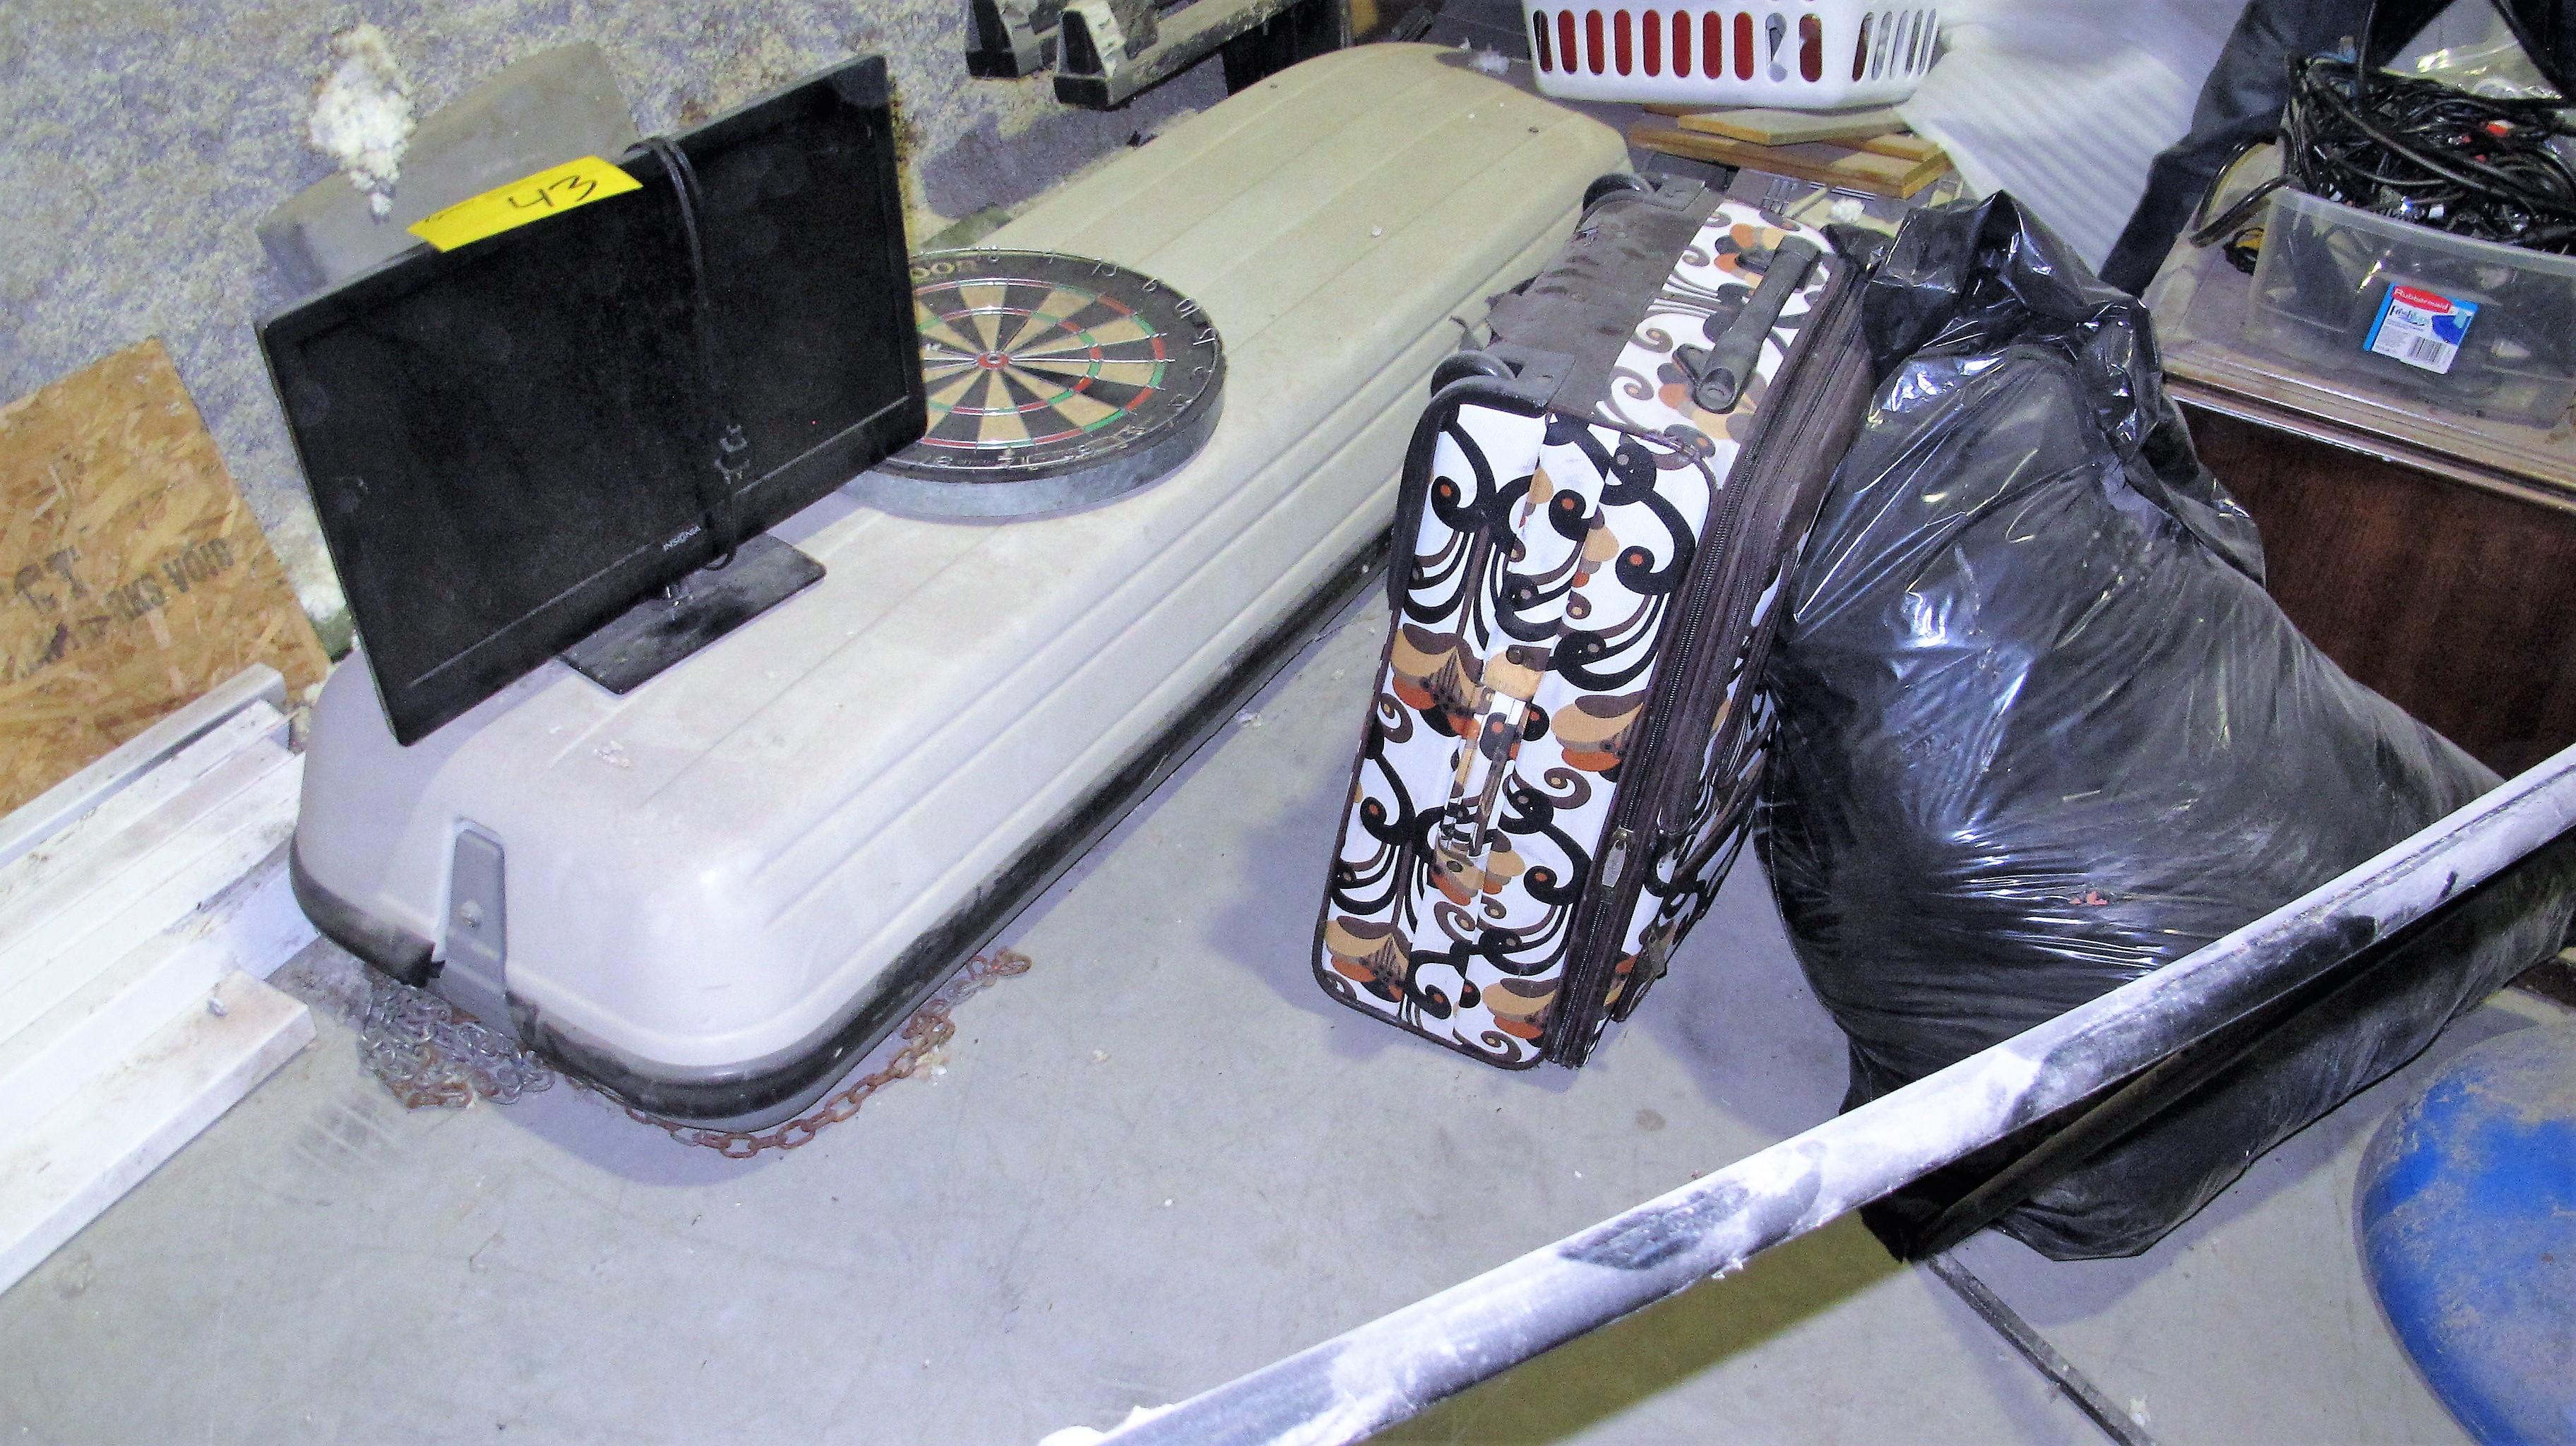 Lot 43 - LOT OF ASST. METAL RACKS, MOTORS, PUMPS, FLEXABLE HOSE, DOORS, WHEEL BARREL, A/C UNITS, CHEST